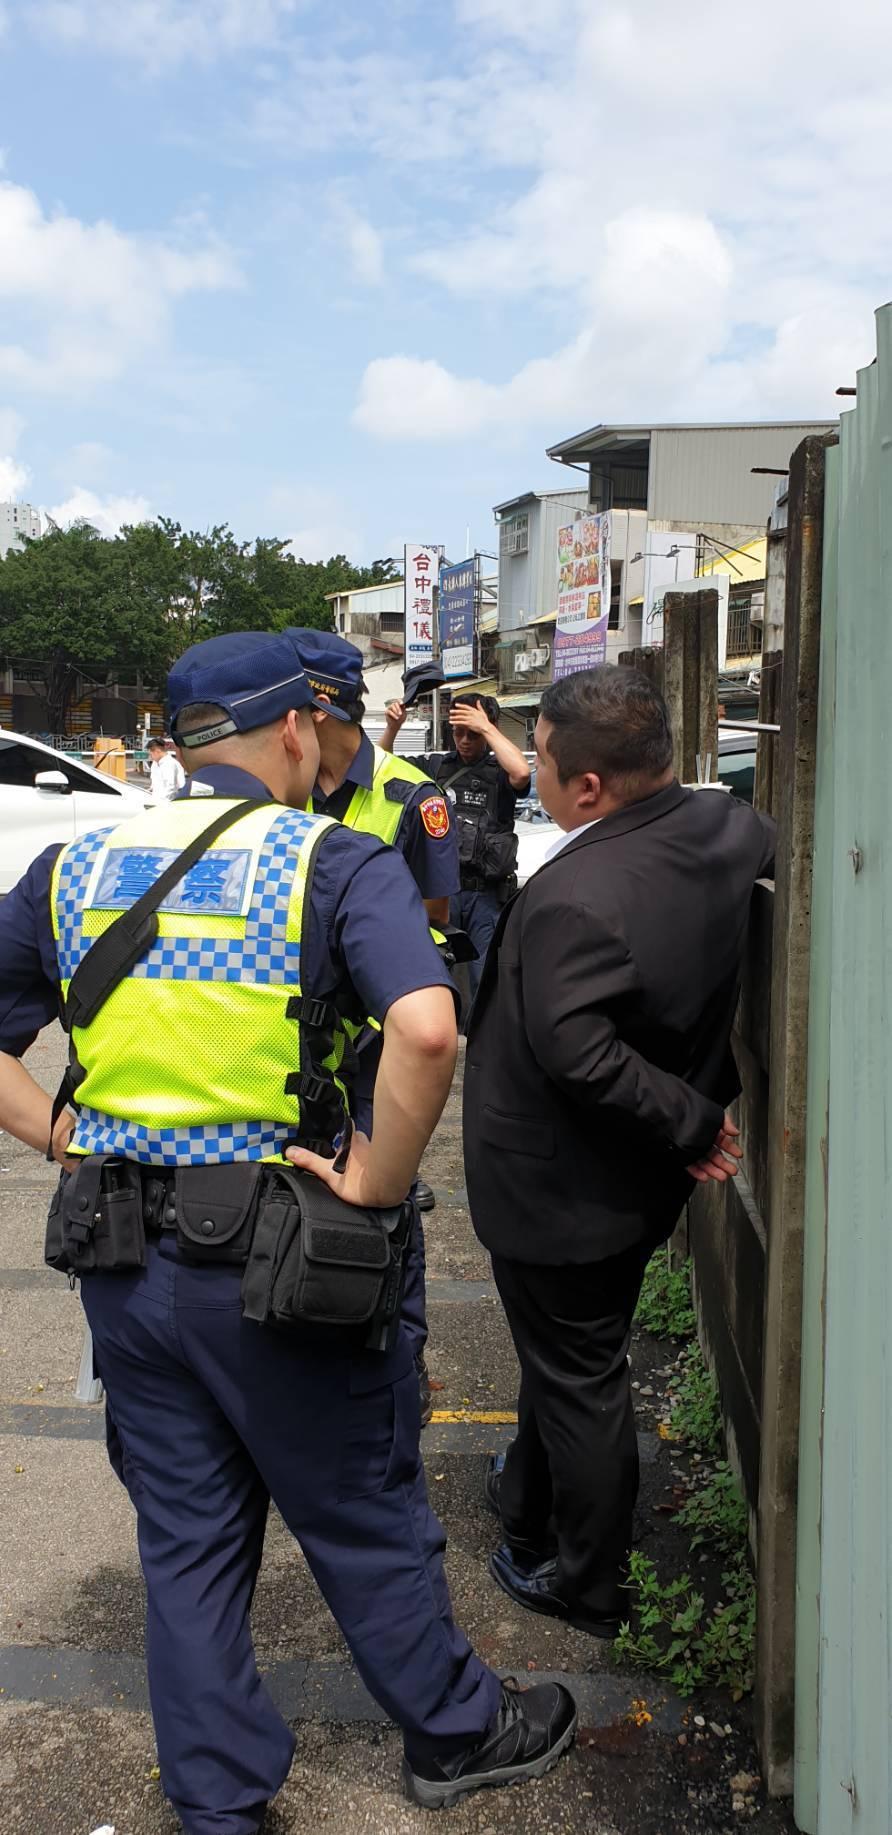 警方今早在台中市立殯儀館對面停車場查獲一名藍姓男子(右)遭詐欺通緝,警方已帶回所...